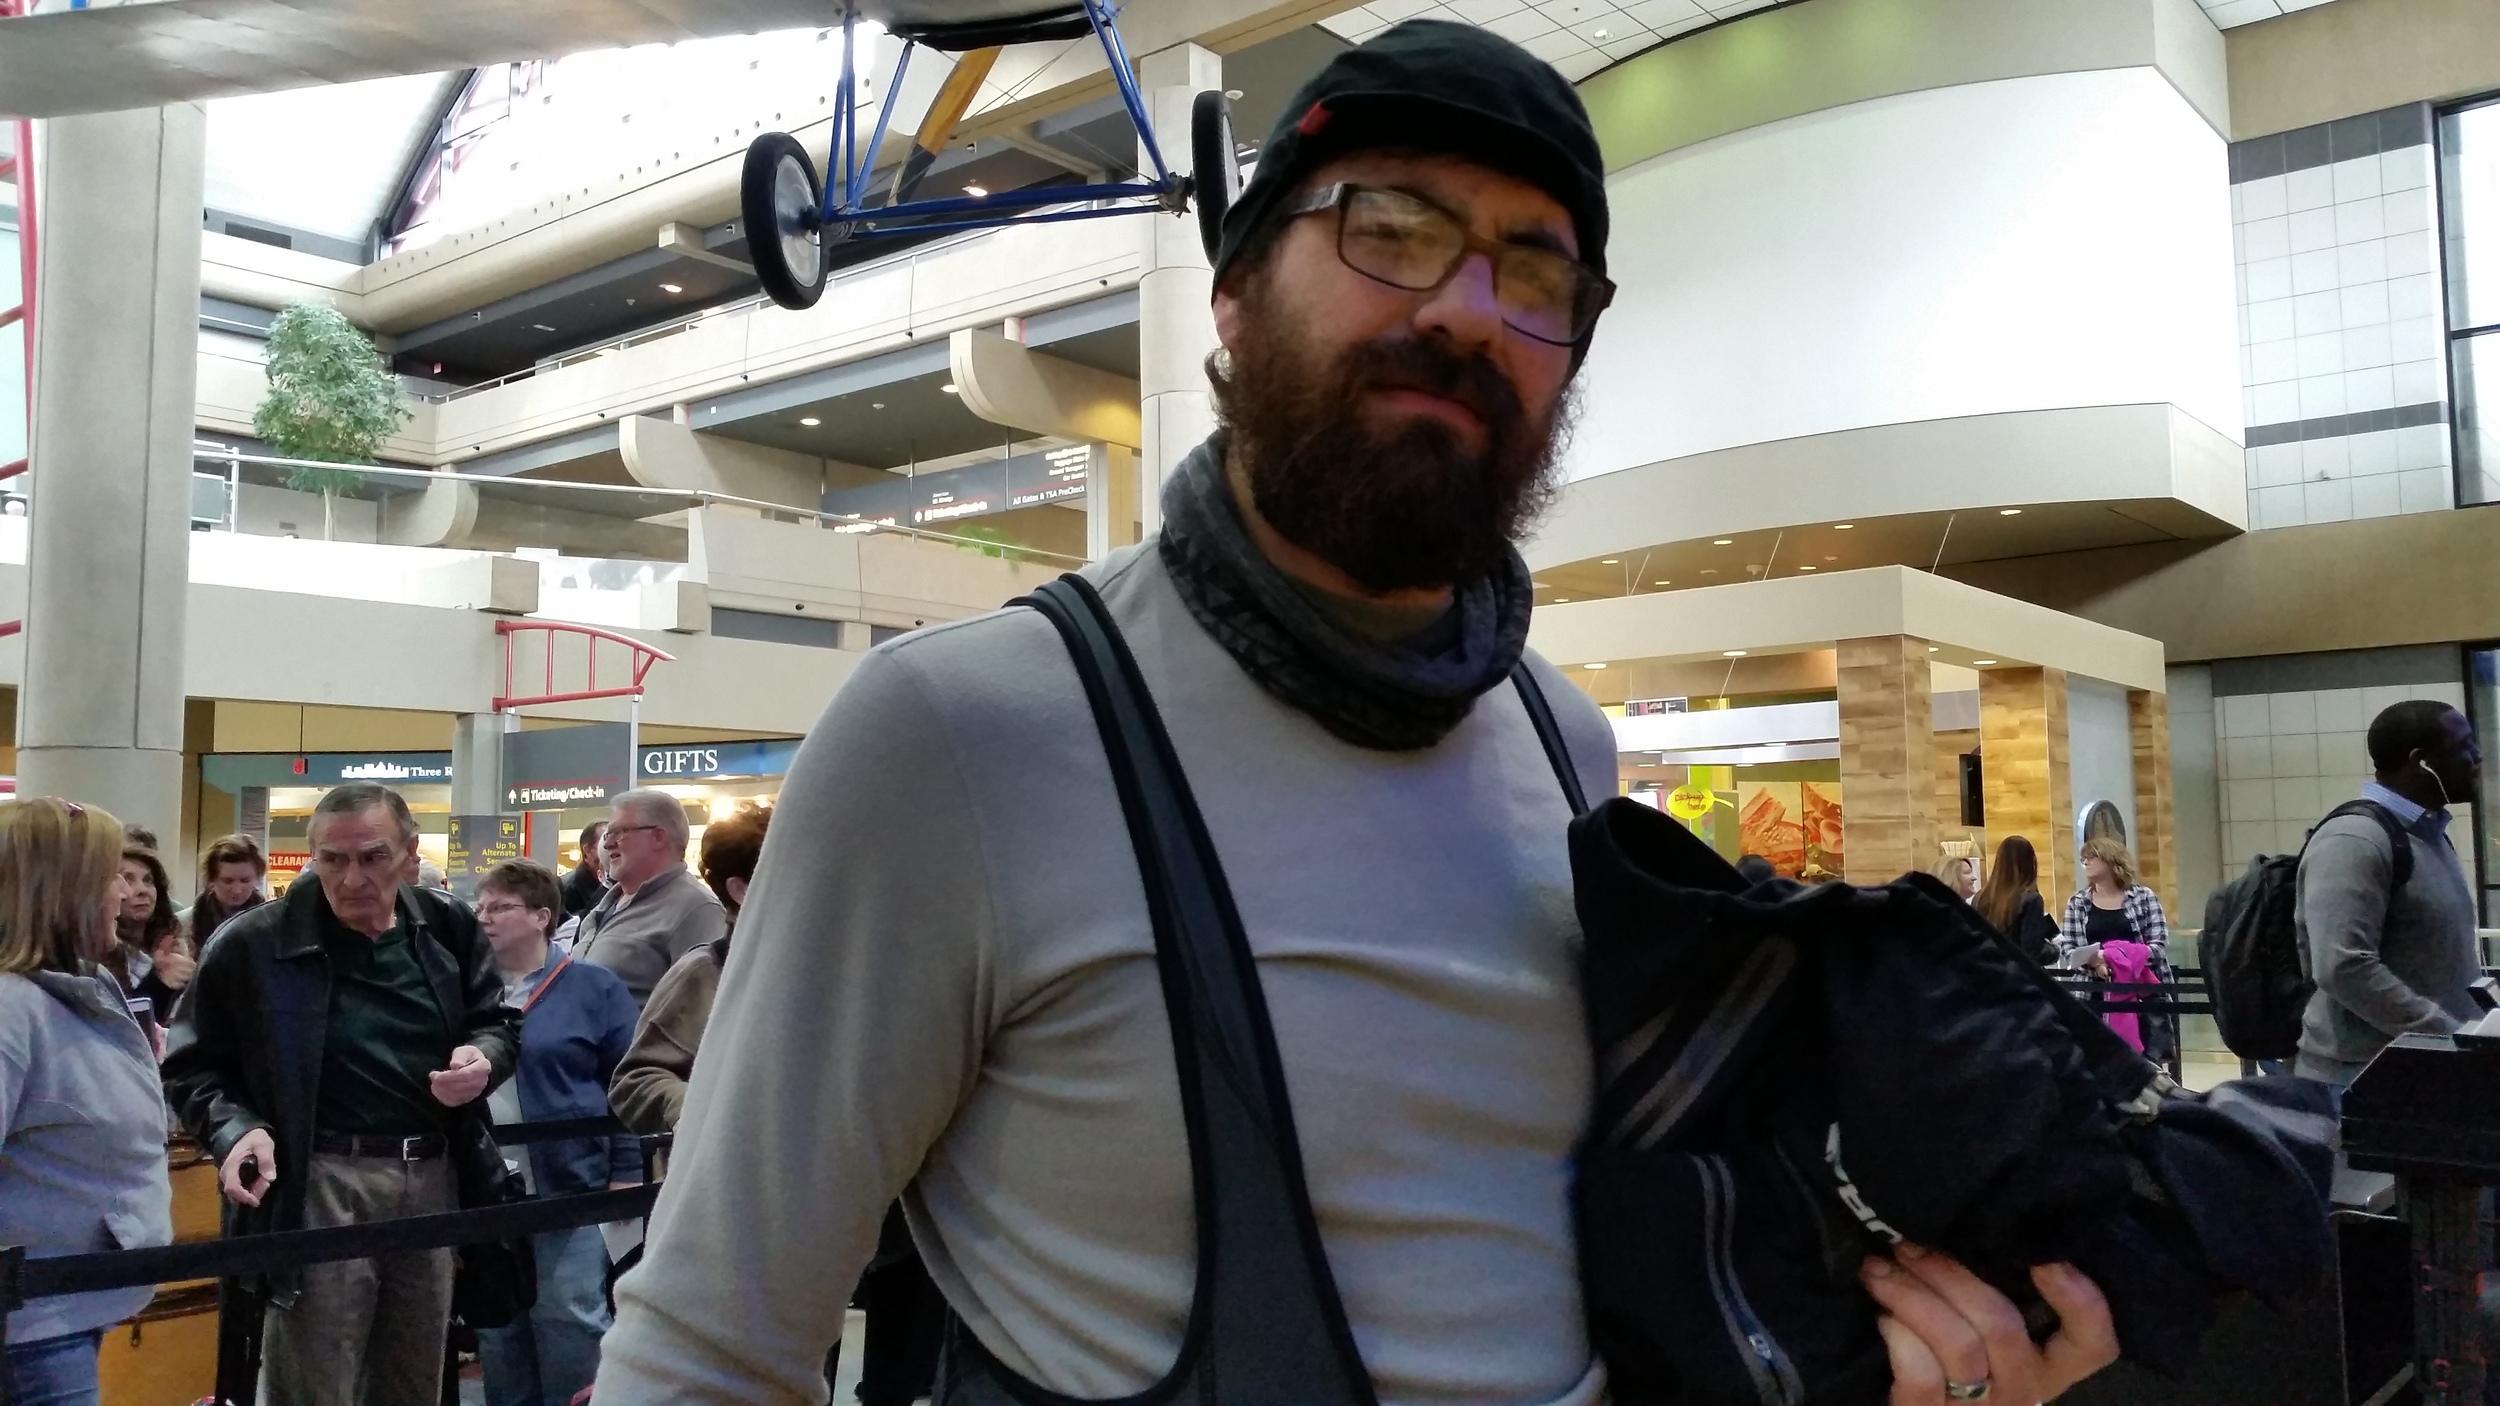 TSA get a load of me.